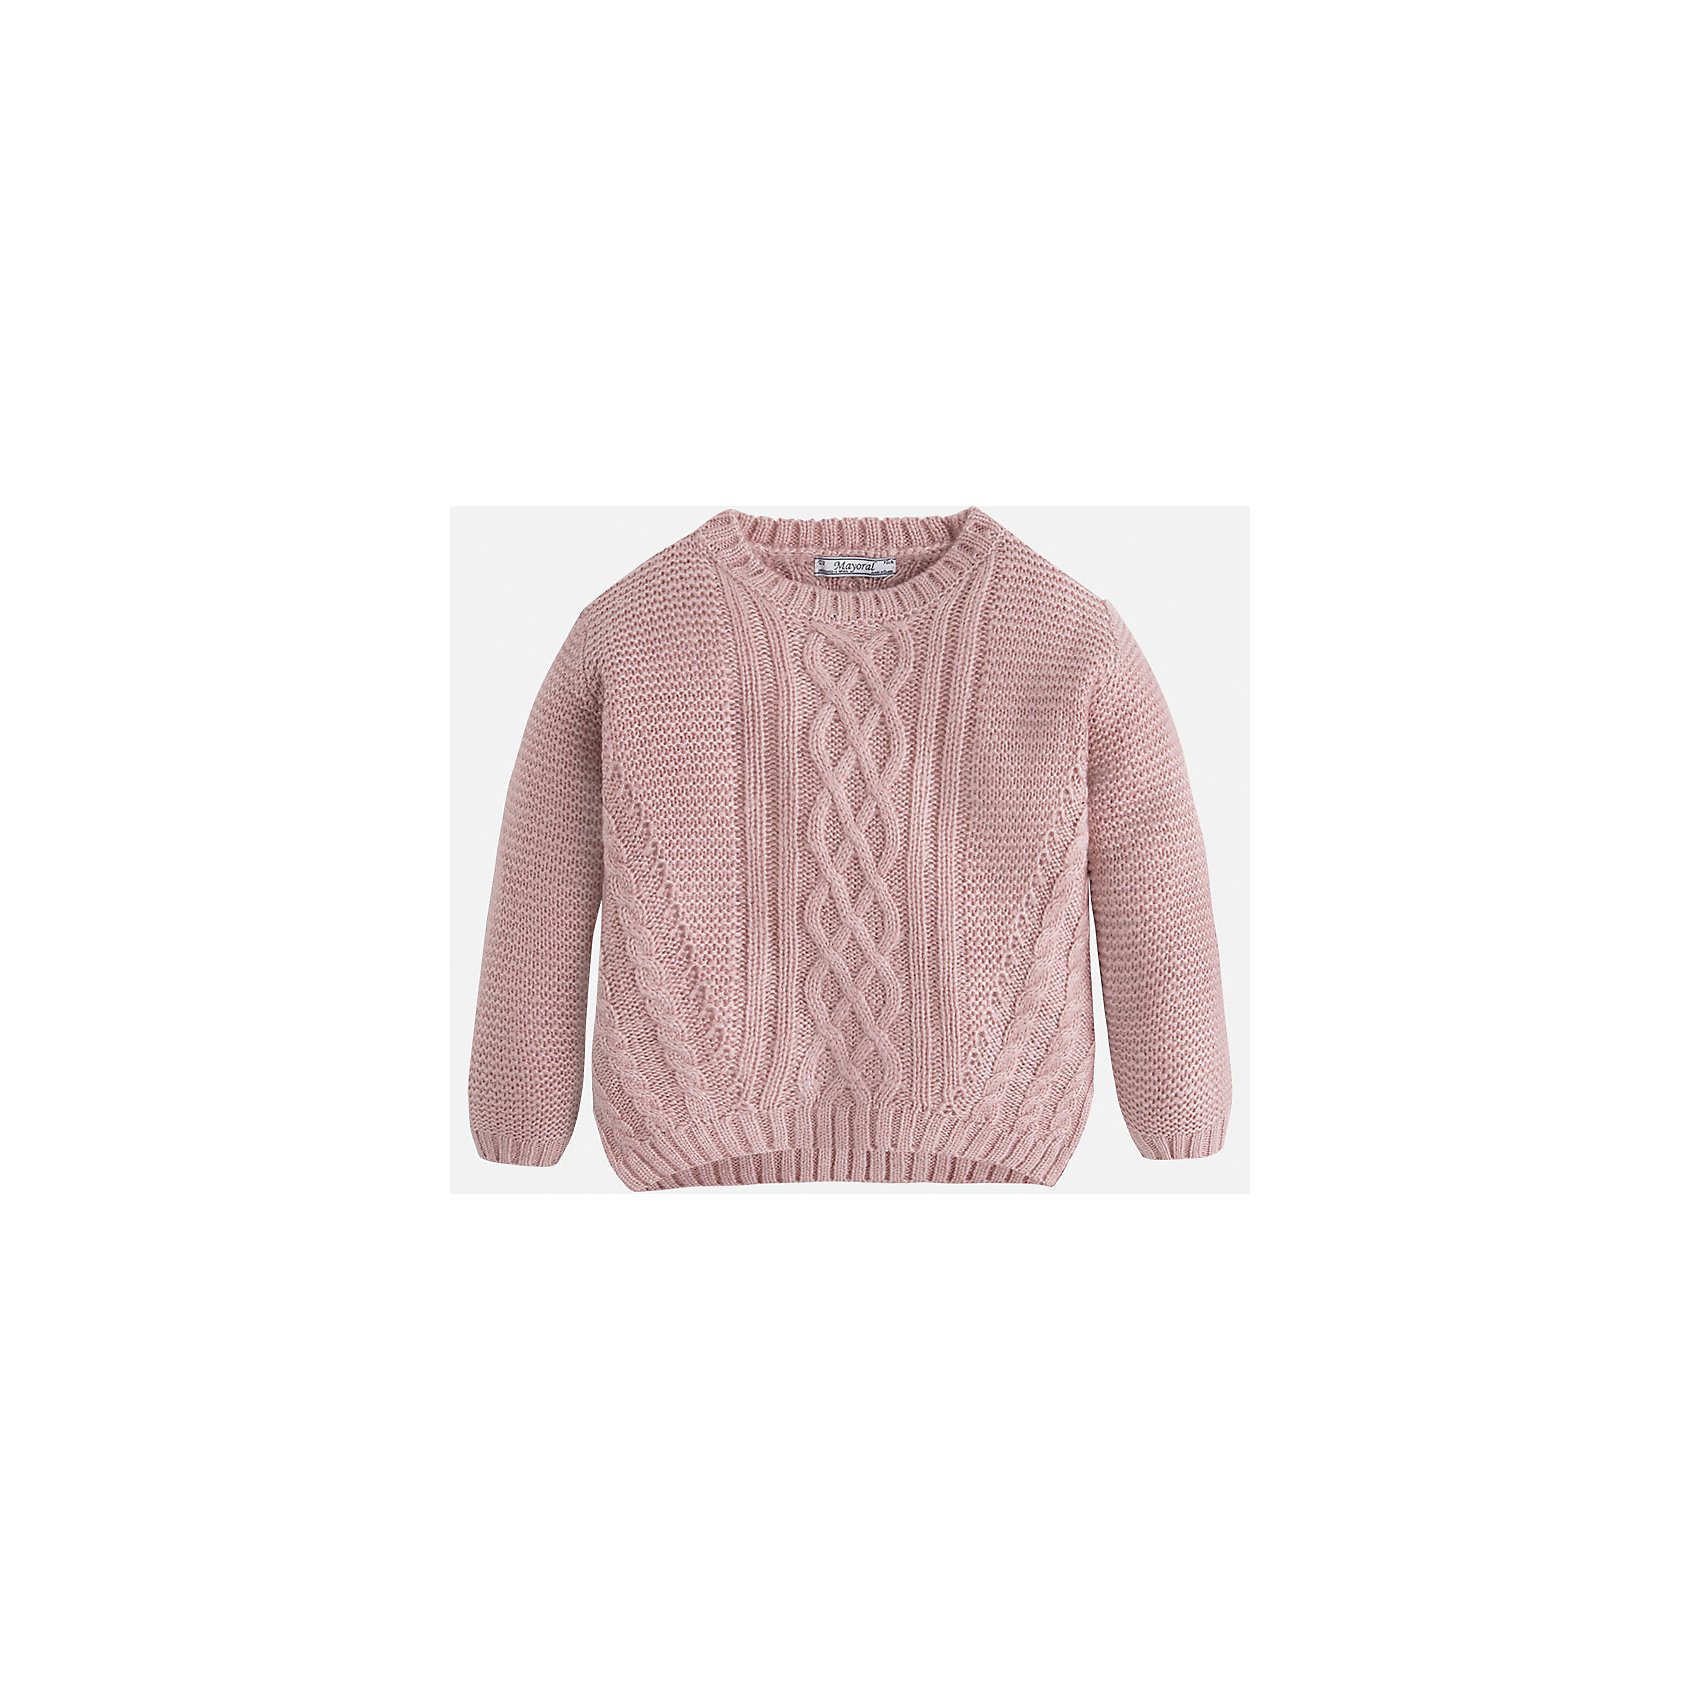 Свитер для девочки MayoralСвитера и кардиганы<br>Вязаный свитер  пудрового цвета торговой марки    Майорал -Mayoral для девочек.<br>Свитер выполнен из акрила. Изделие из  мягкого трикотажа с рукавами реглан, впереди украшено узором, будет прекрасно сочетаться с джинсами и брюками.<br><br>Дополнительная информация: <br><br>- цвет: нежно-розовый<br>- состав: акрил 100%<br>- фактура материала: текстильный<br>- тип карманов: без карманов<br>- уход за вещами: бережная стирка при 30 градусах<br>- рисунок: с рисунком<br>- назначение: повседневная<br>- сезон: круглогодичный<br>- пол: девочки<br>- страна бренда: Испания<br>- комплектация: свитер<br><br>Свитер для девочки торговой марки Mayoral можно купить в нашем интернет-магазине.<br><br>Ширина мм: 190<br>Глубина мм: 74<br>Высота мм: 229<br>Вес г: 236<br>Цвет: розовый<br>Возраст от месяцев: 96<br>Возраст до месяцев: 108<br>Пол: Женский<br>Возраст: Детский<br>Размер: 134,116,98,122,110,104,128<br>SKU: 4846603